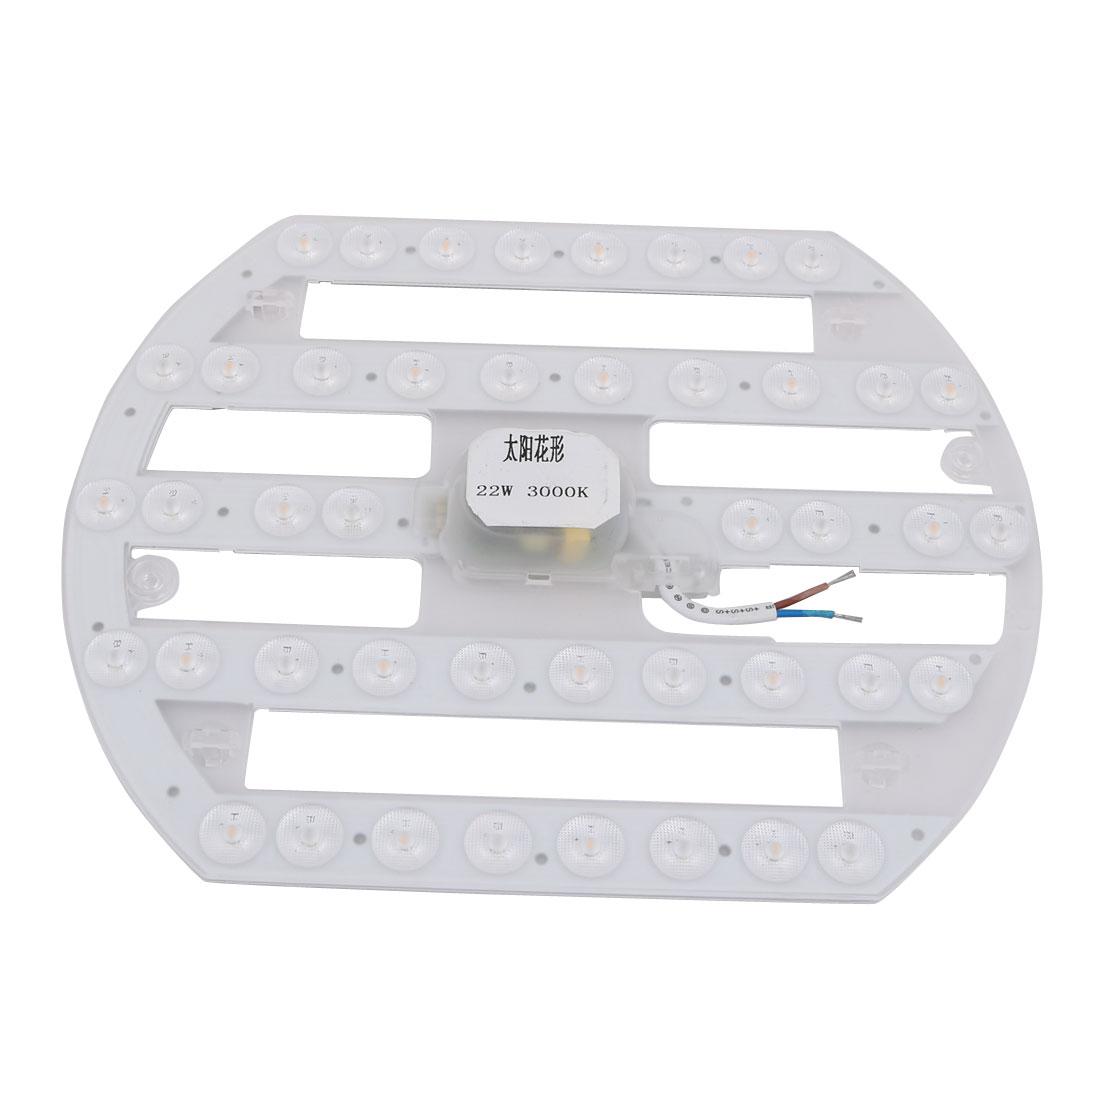 AC 185V-265V 22W LED Ceiling Optical Lens Module Light Board 44-LEDs 3000K